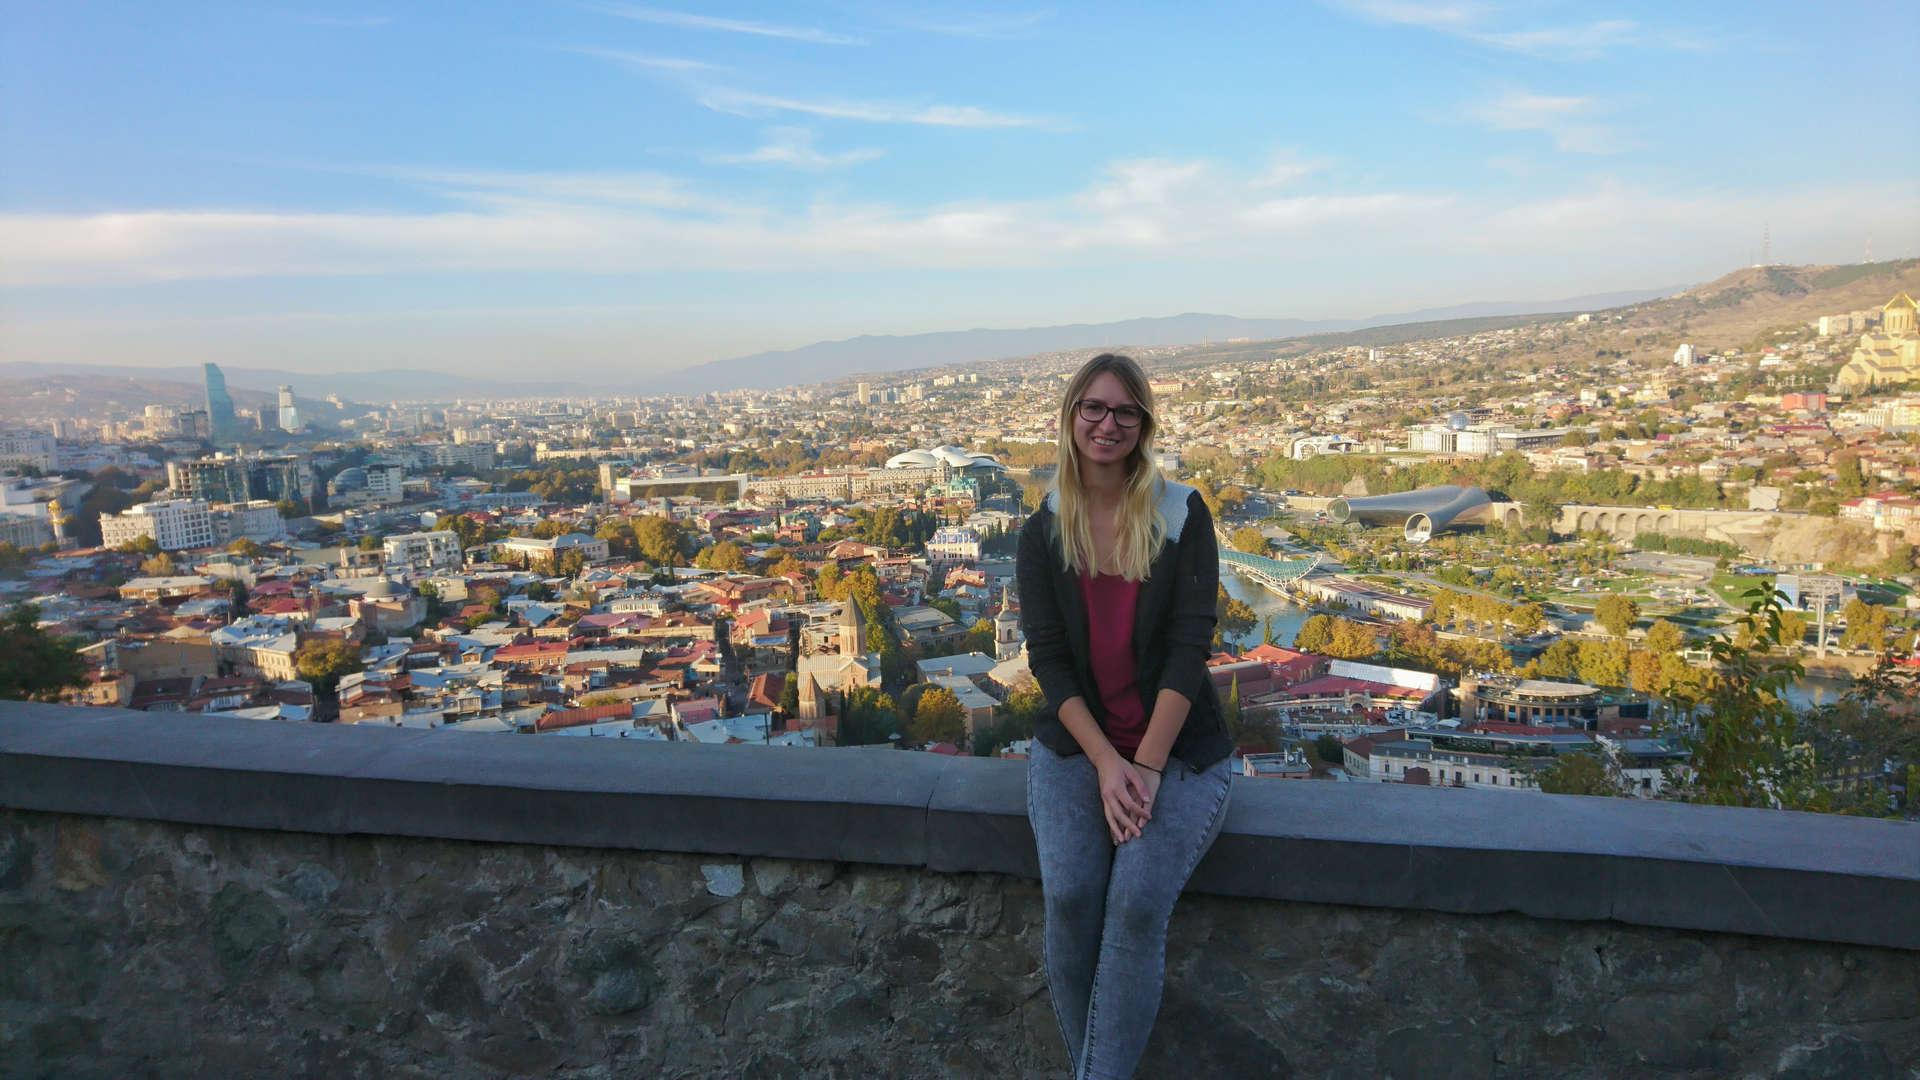 Zwiedzanie Tbilisi - na wzgórzu z widokiem na miasto